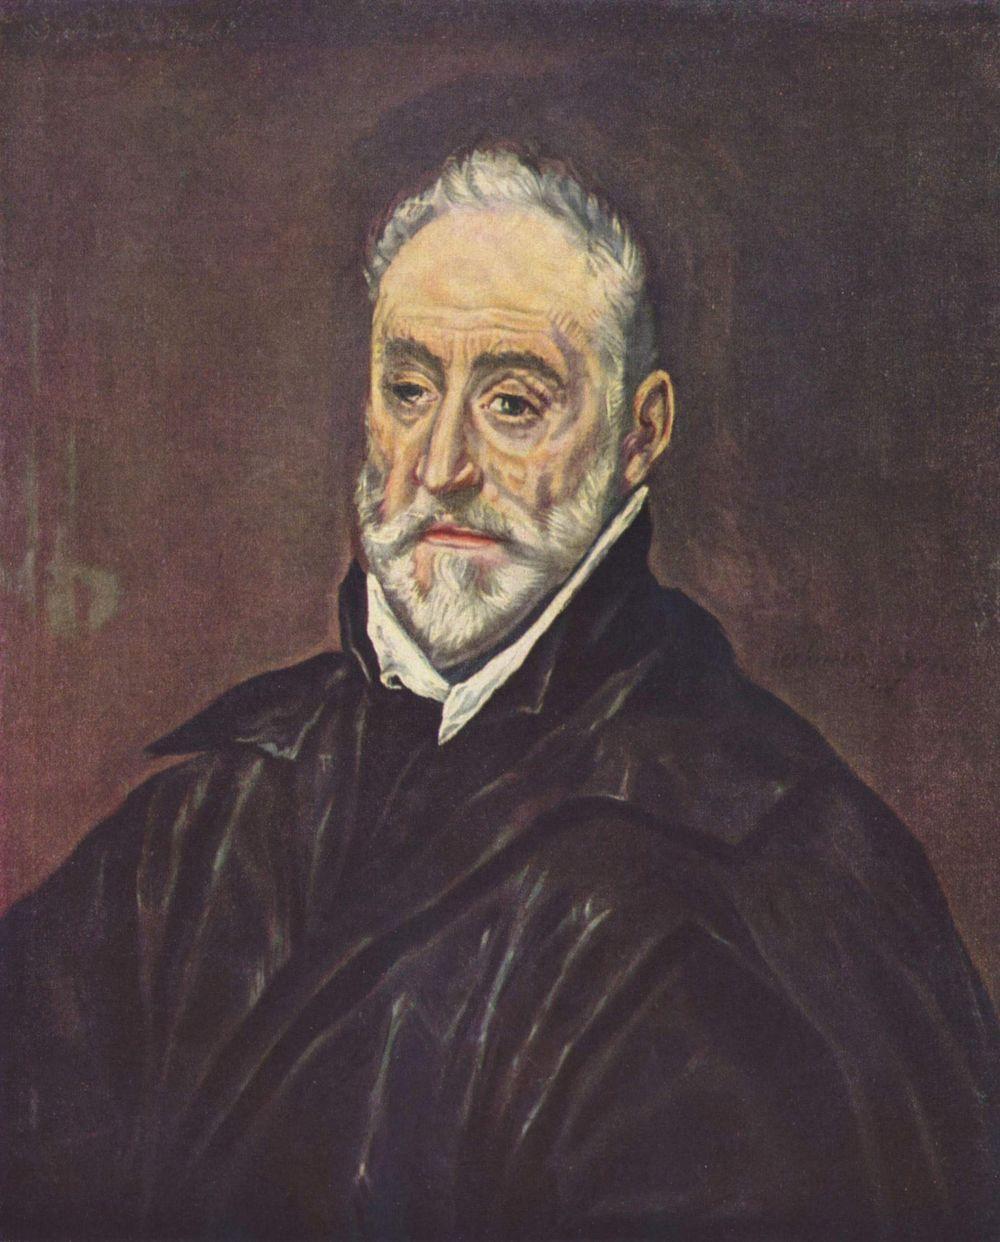 Domenico Theotokopoulos (El Greco). Antonio de Covarrubias